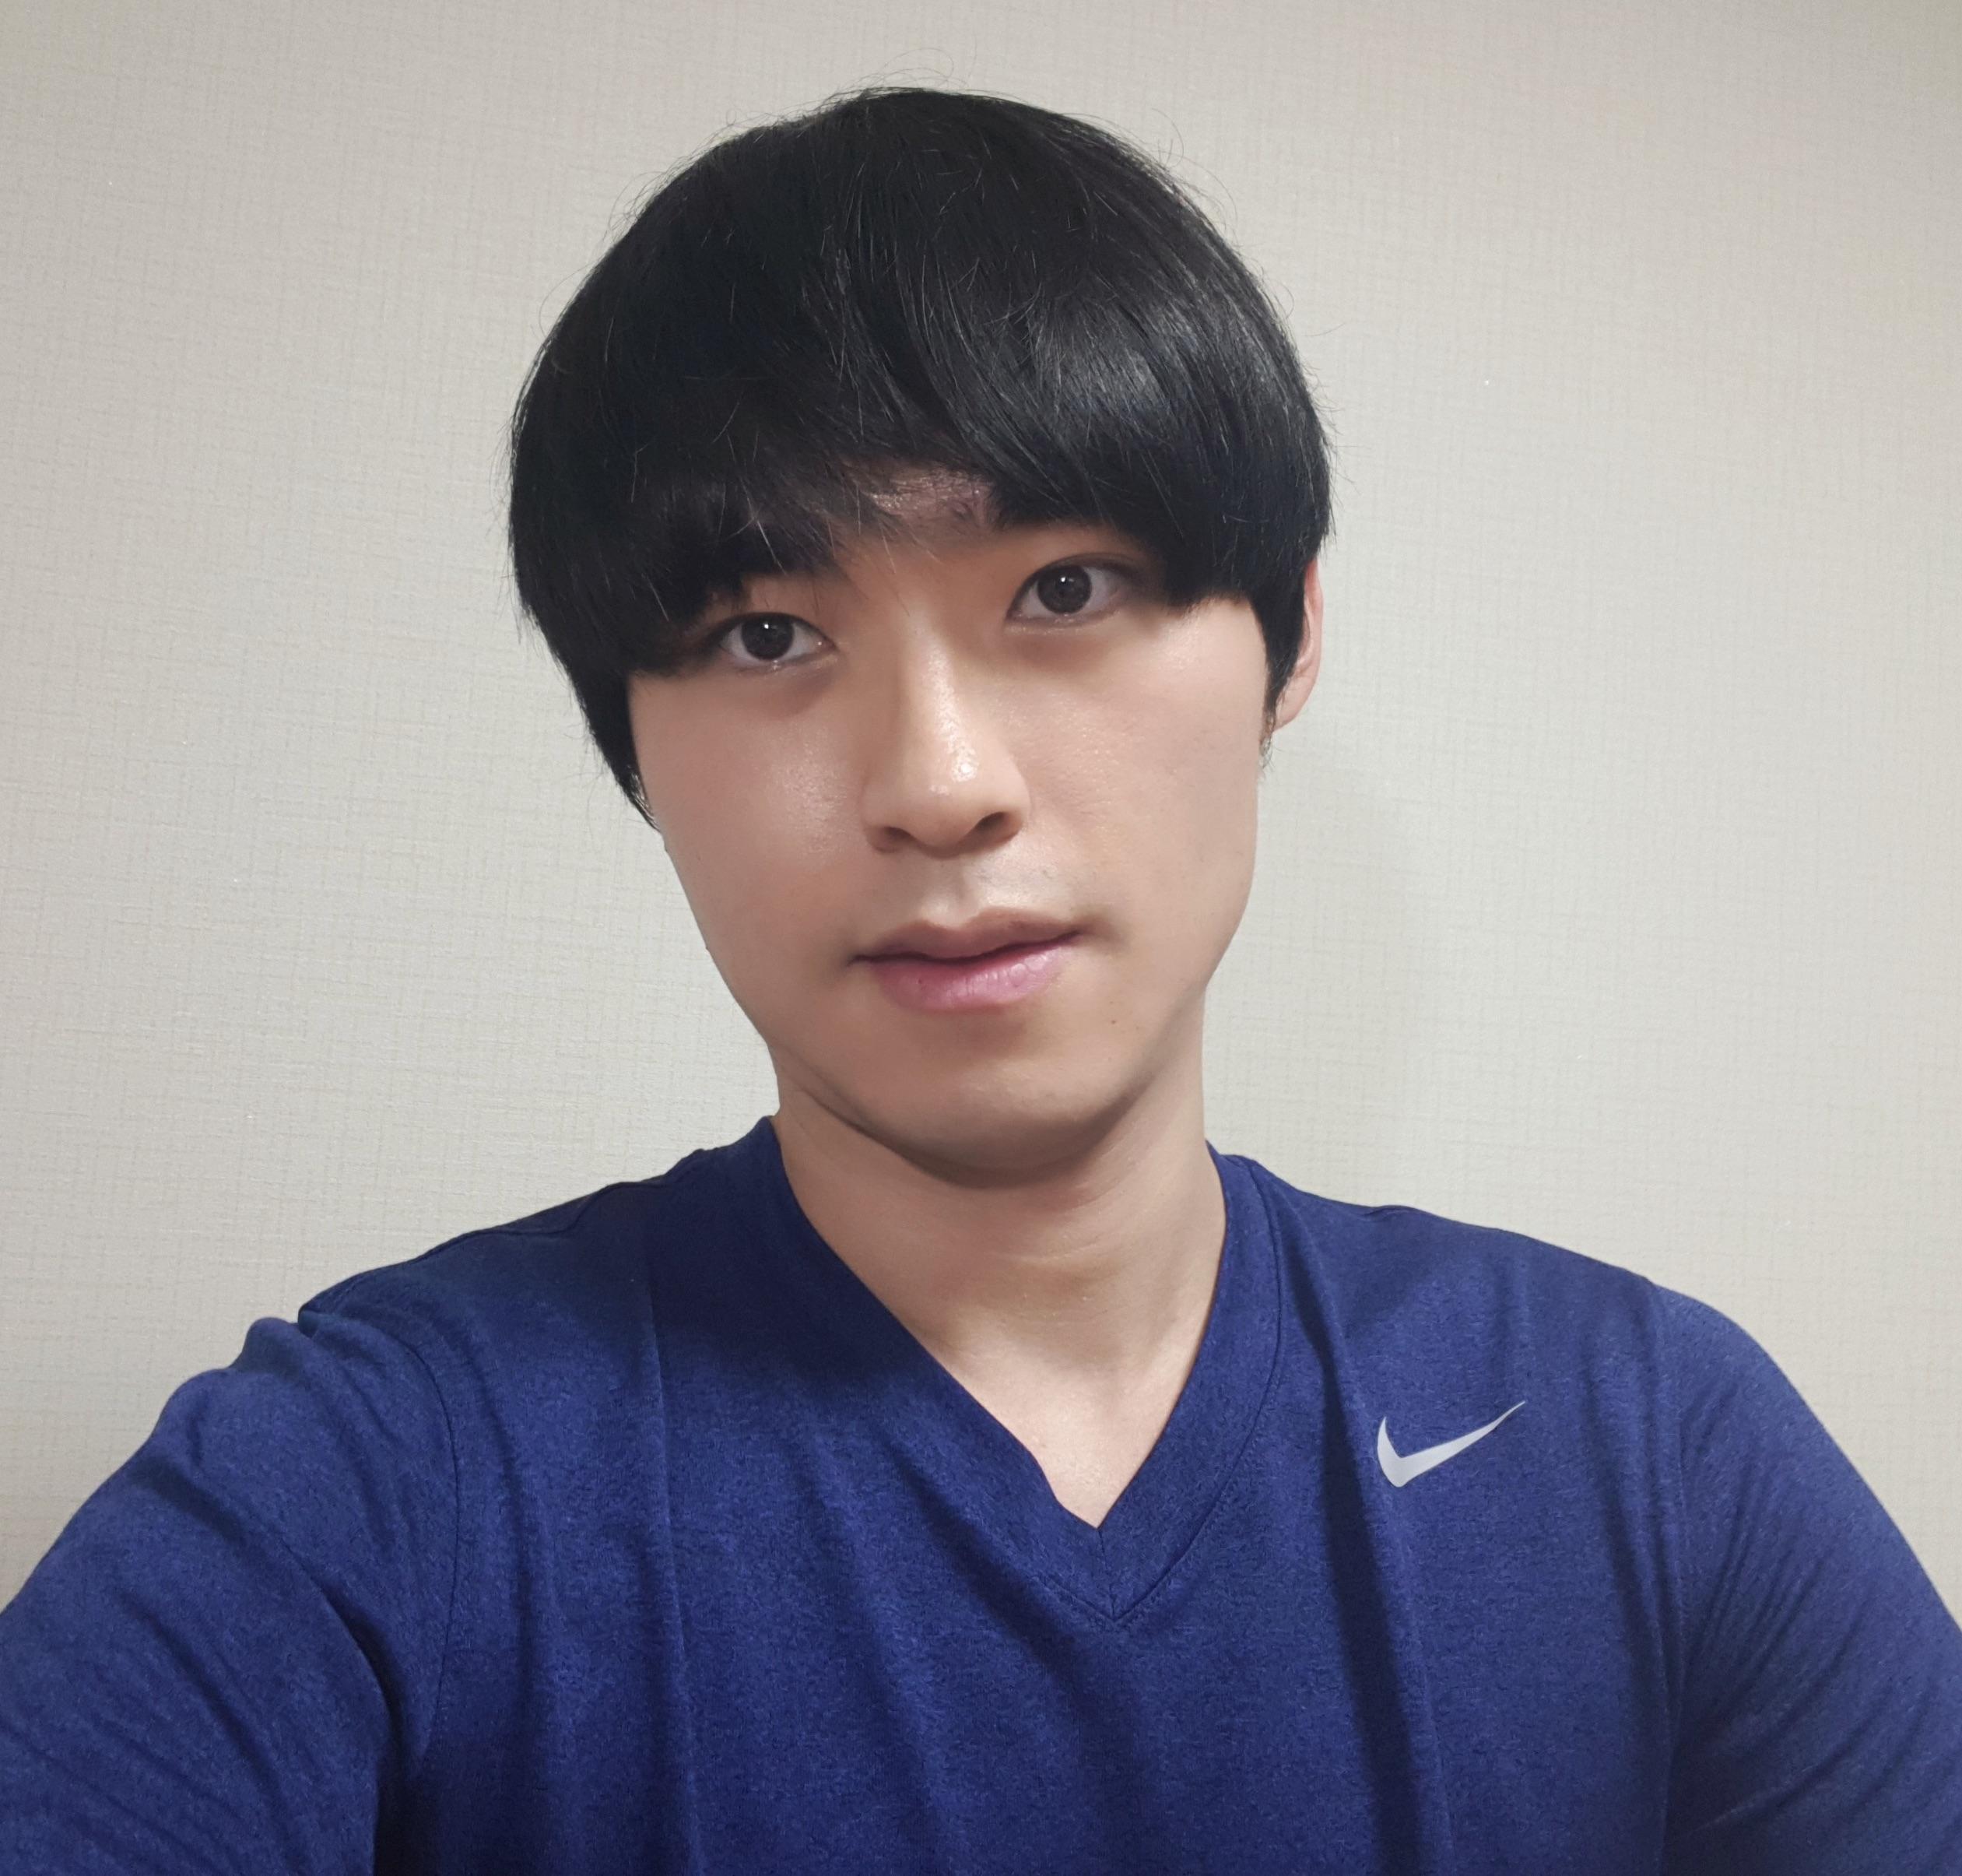 Jaekyeom Kim (김재겸)